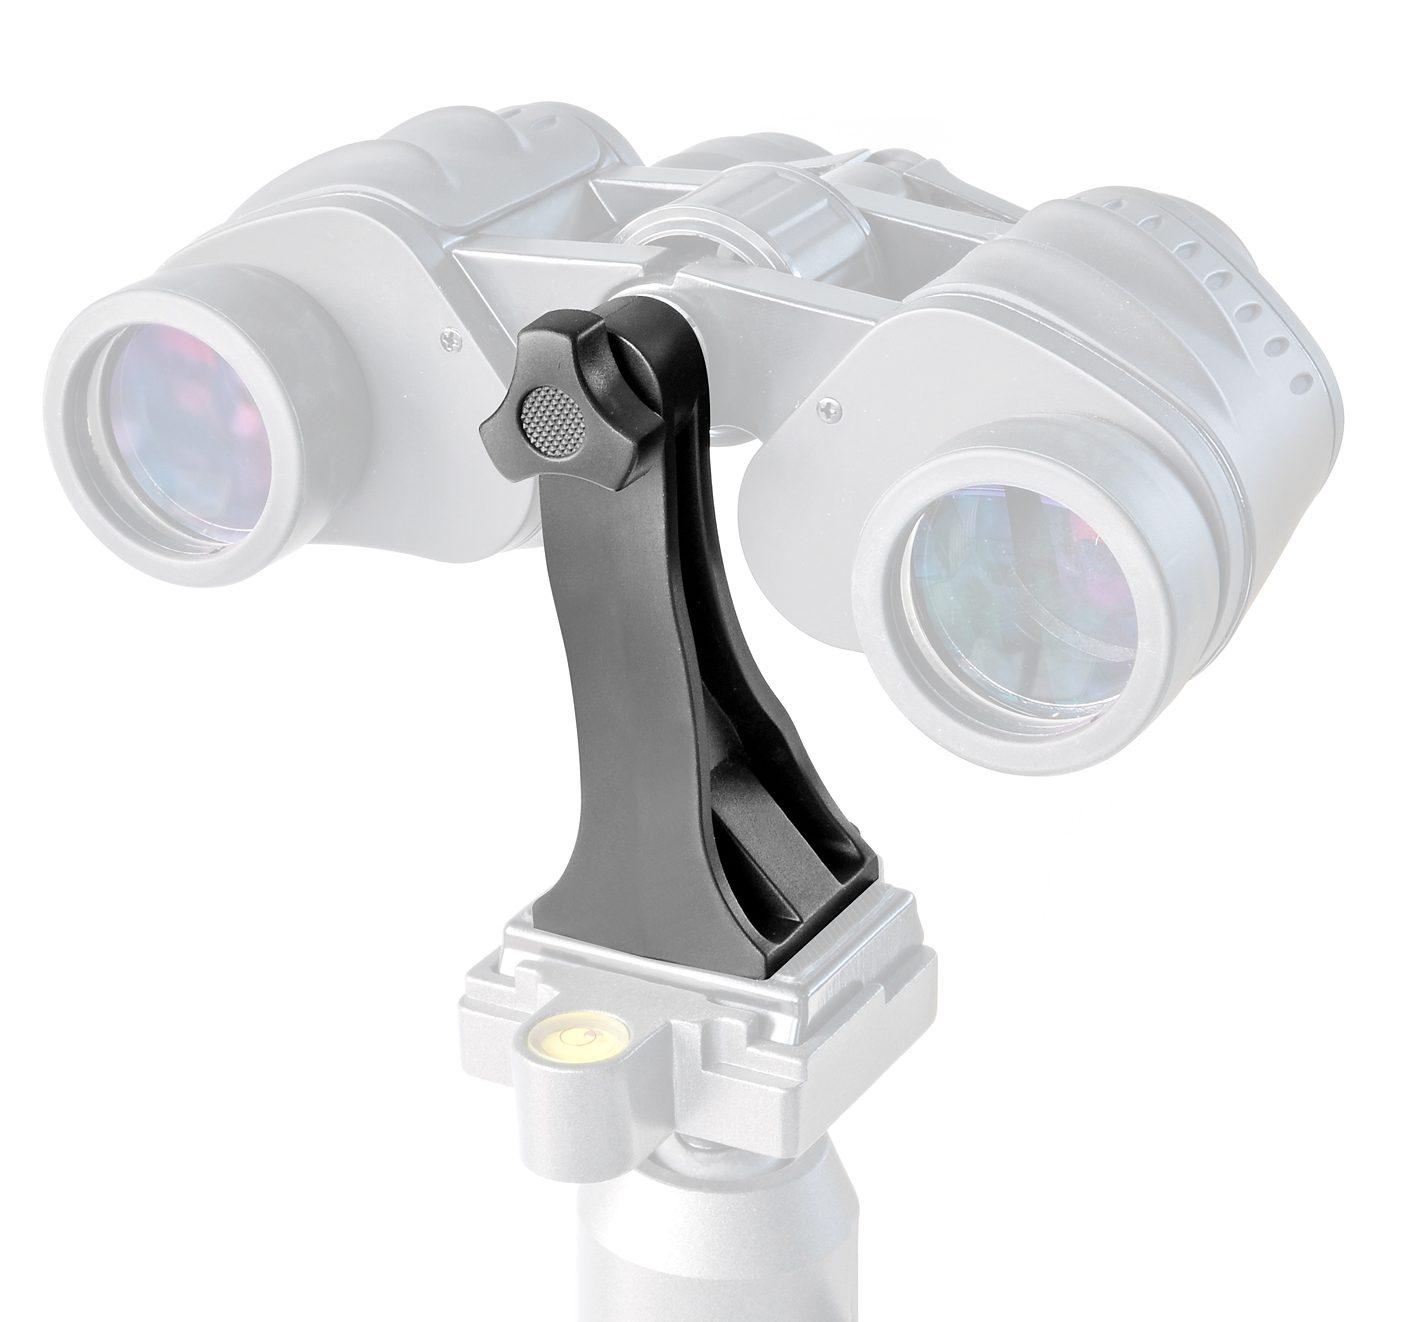 BRESSER Fernglas »BRESSER Fernglas Stativ-Adapter«